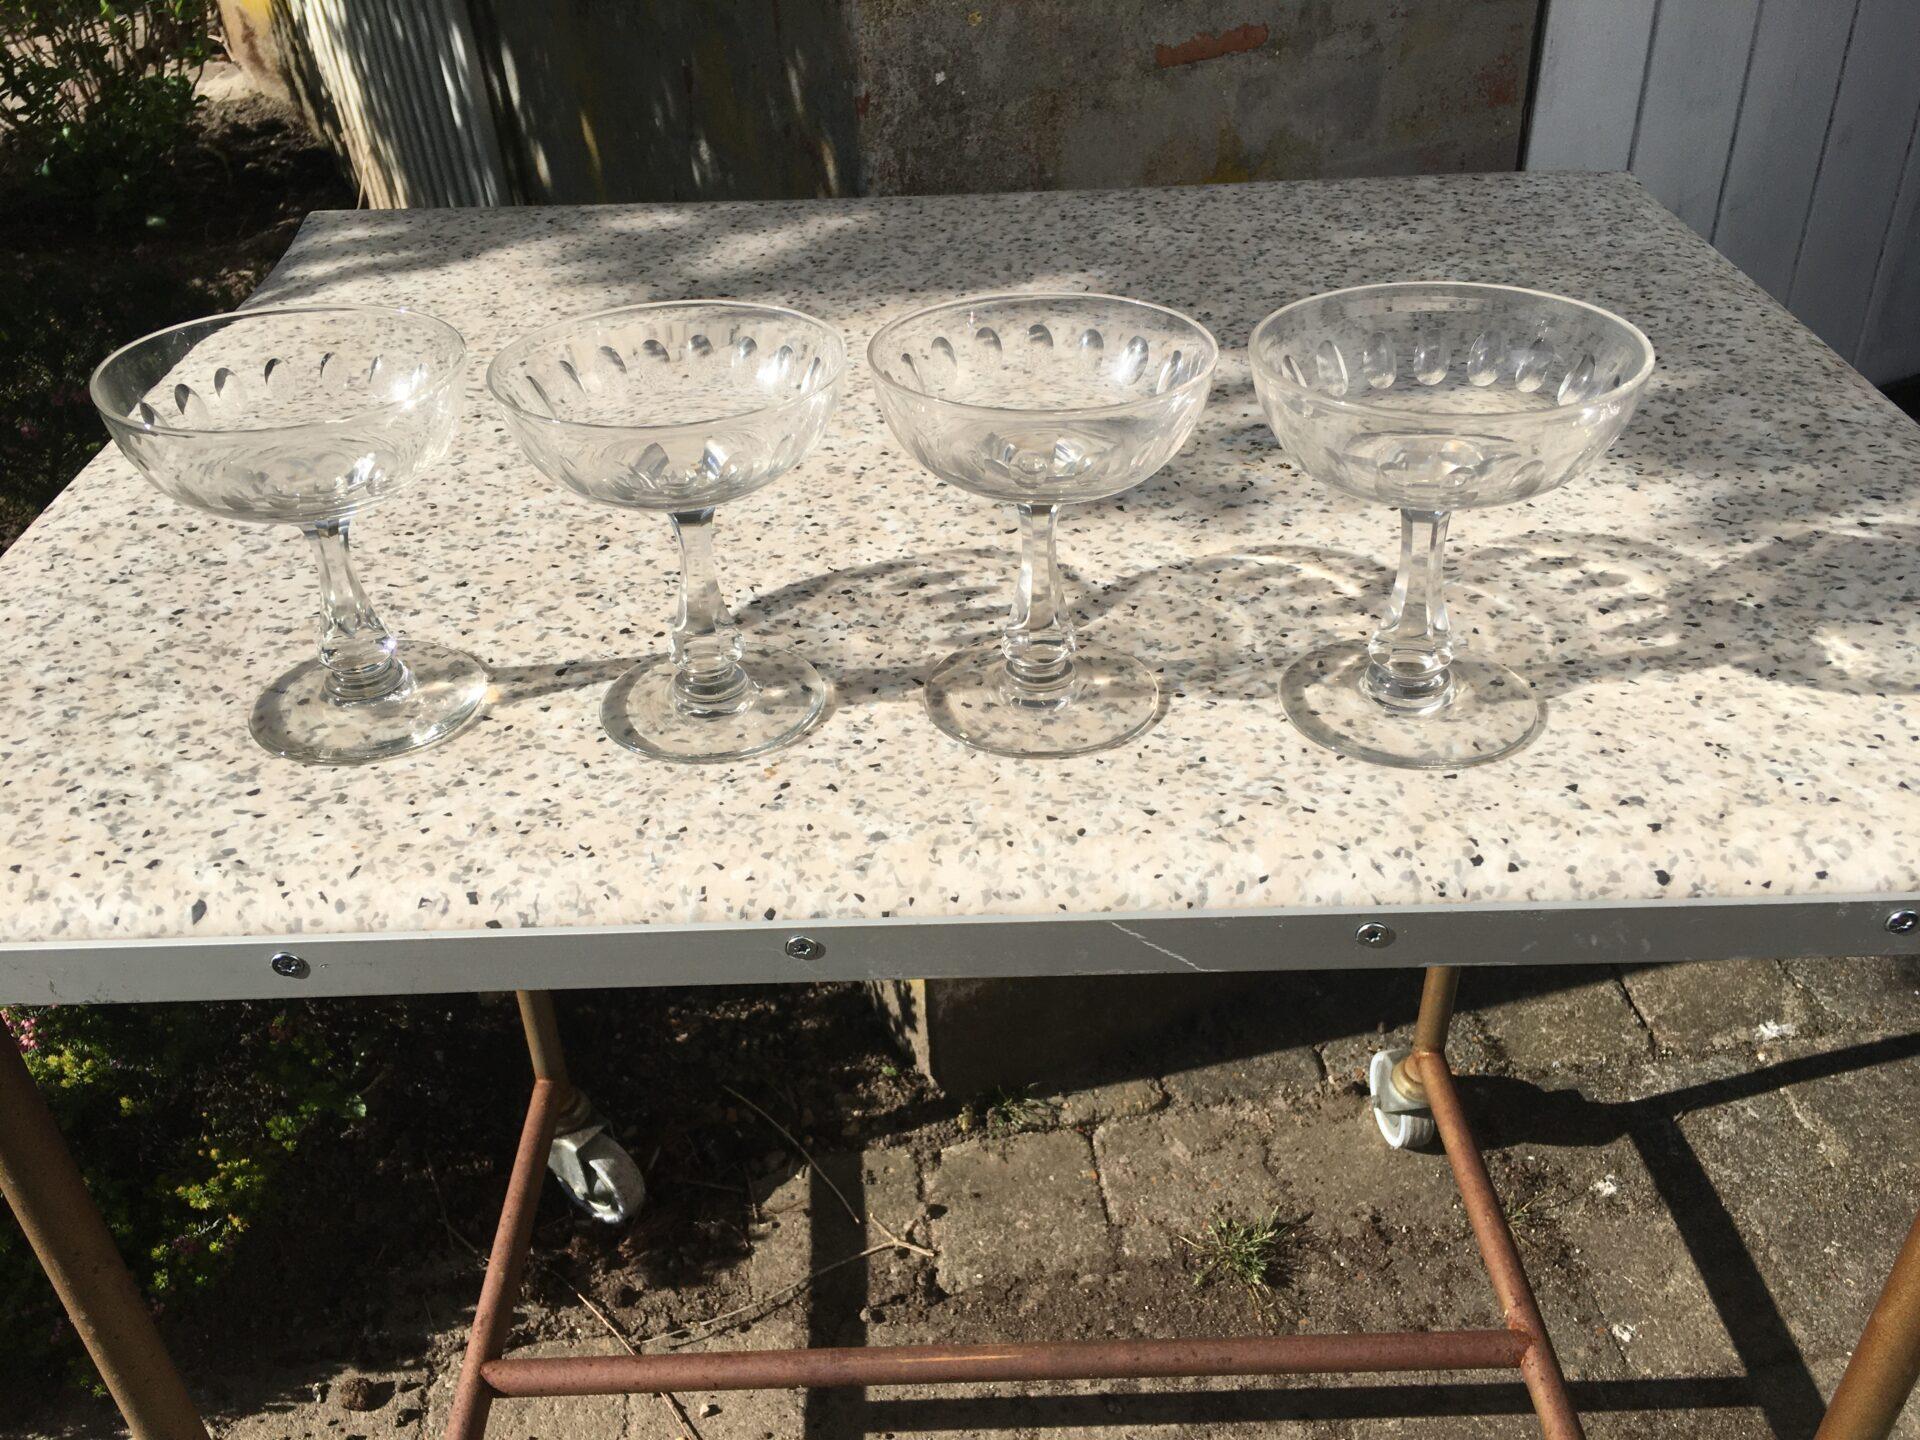 Gamle Derby champagneskåle, velholdte, fejlfri, h=11 cm, d=9,5 cm, pris pr. stk. 250 kr